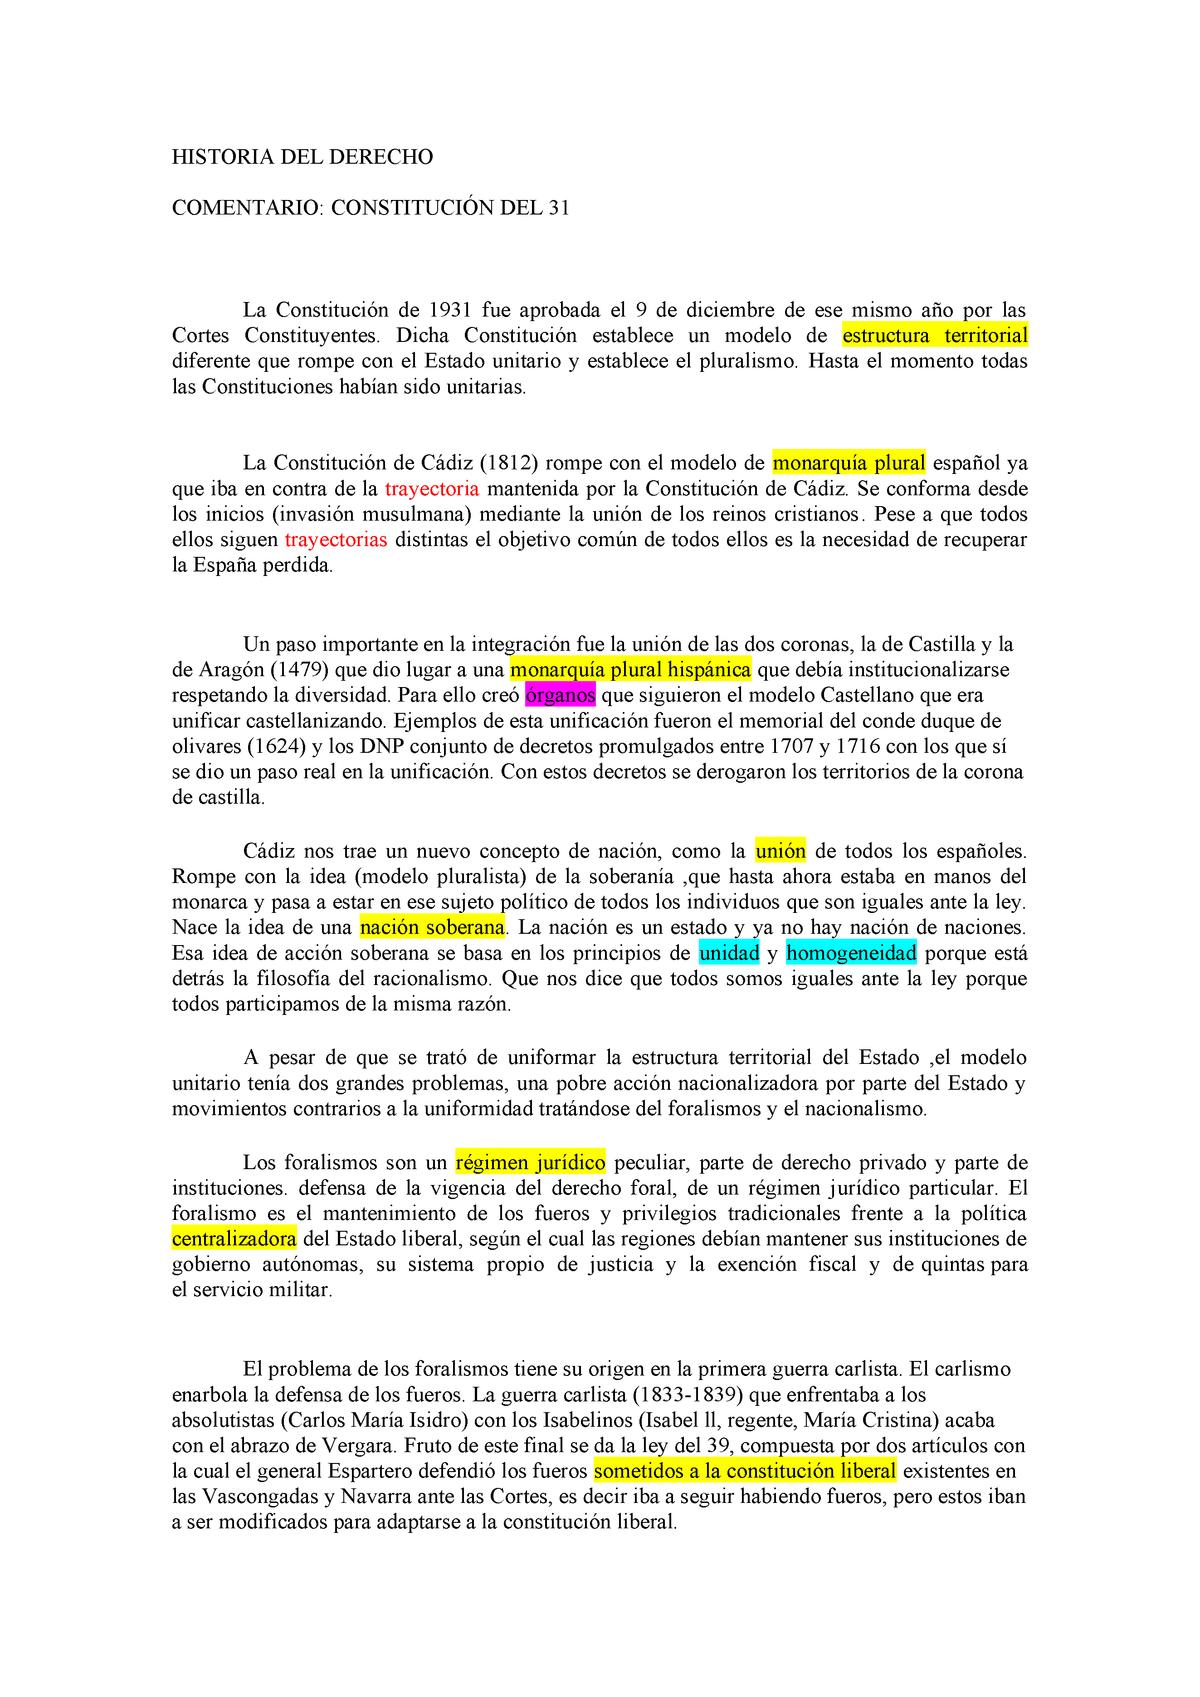 Comentario Constitución De 1931 Bien Historia Del Derecho